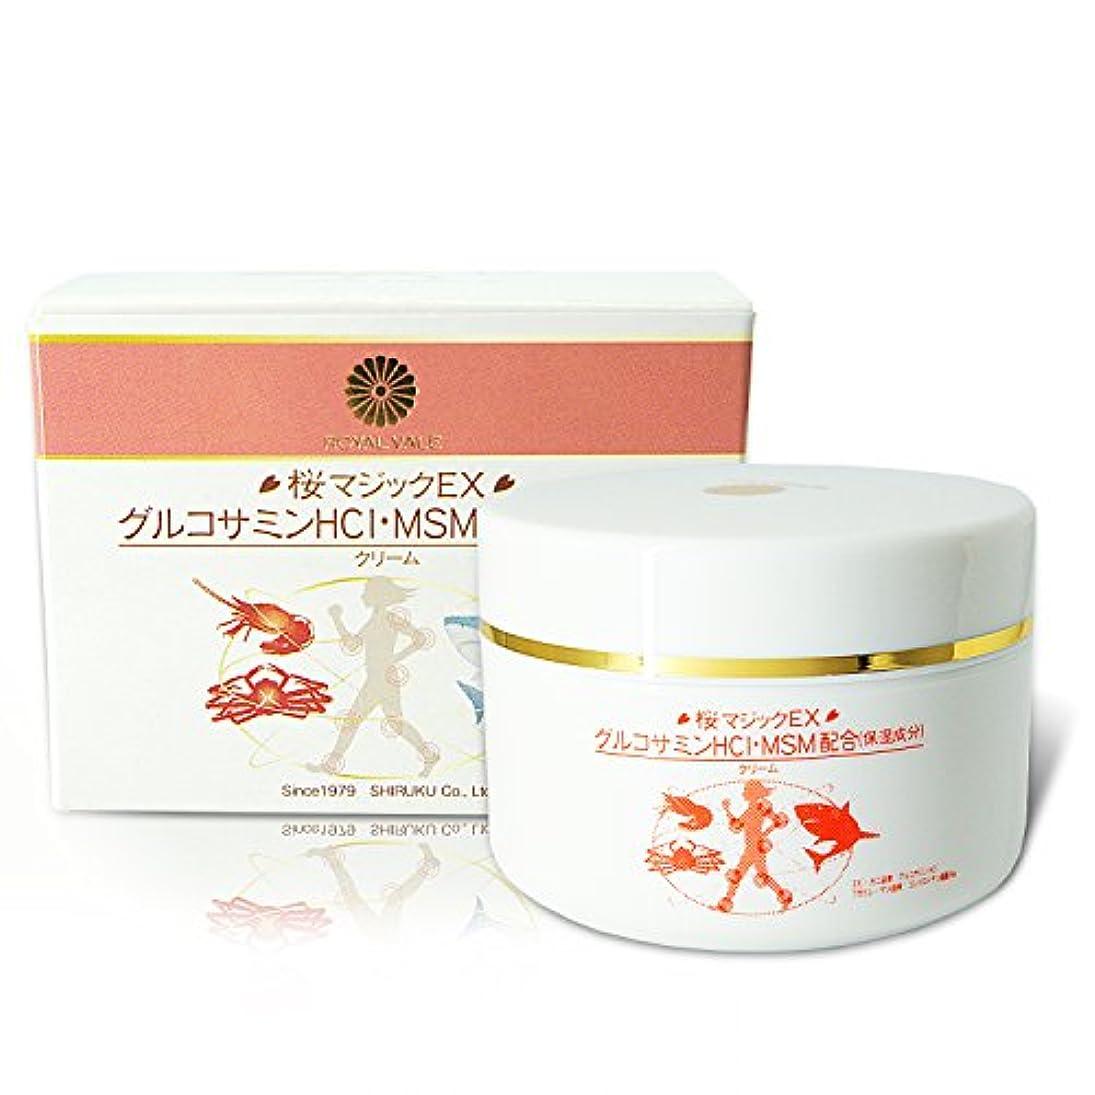 桜マジックEXクリ-ム